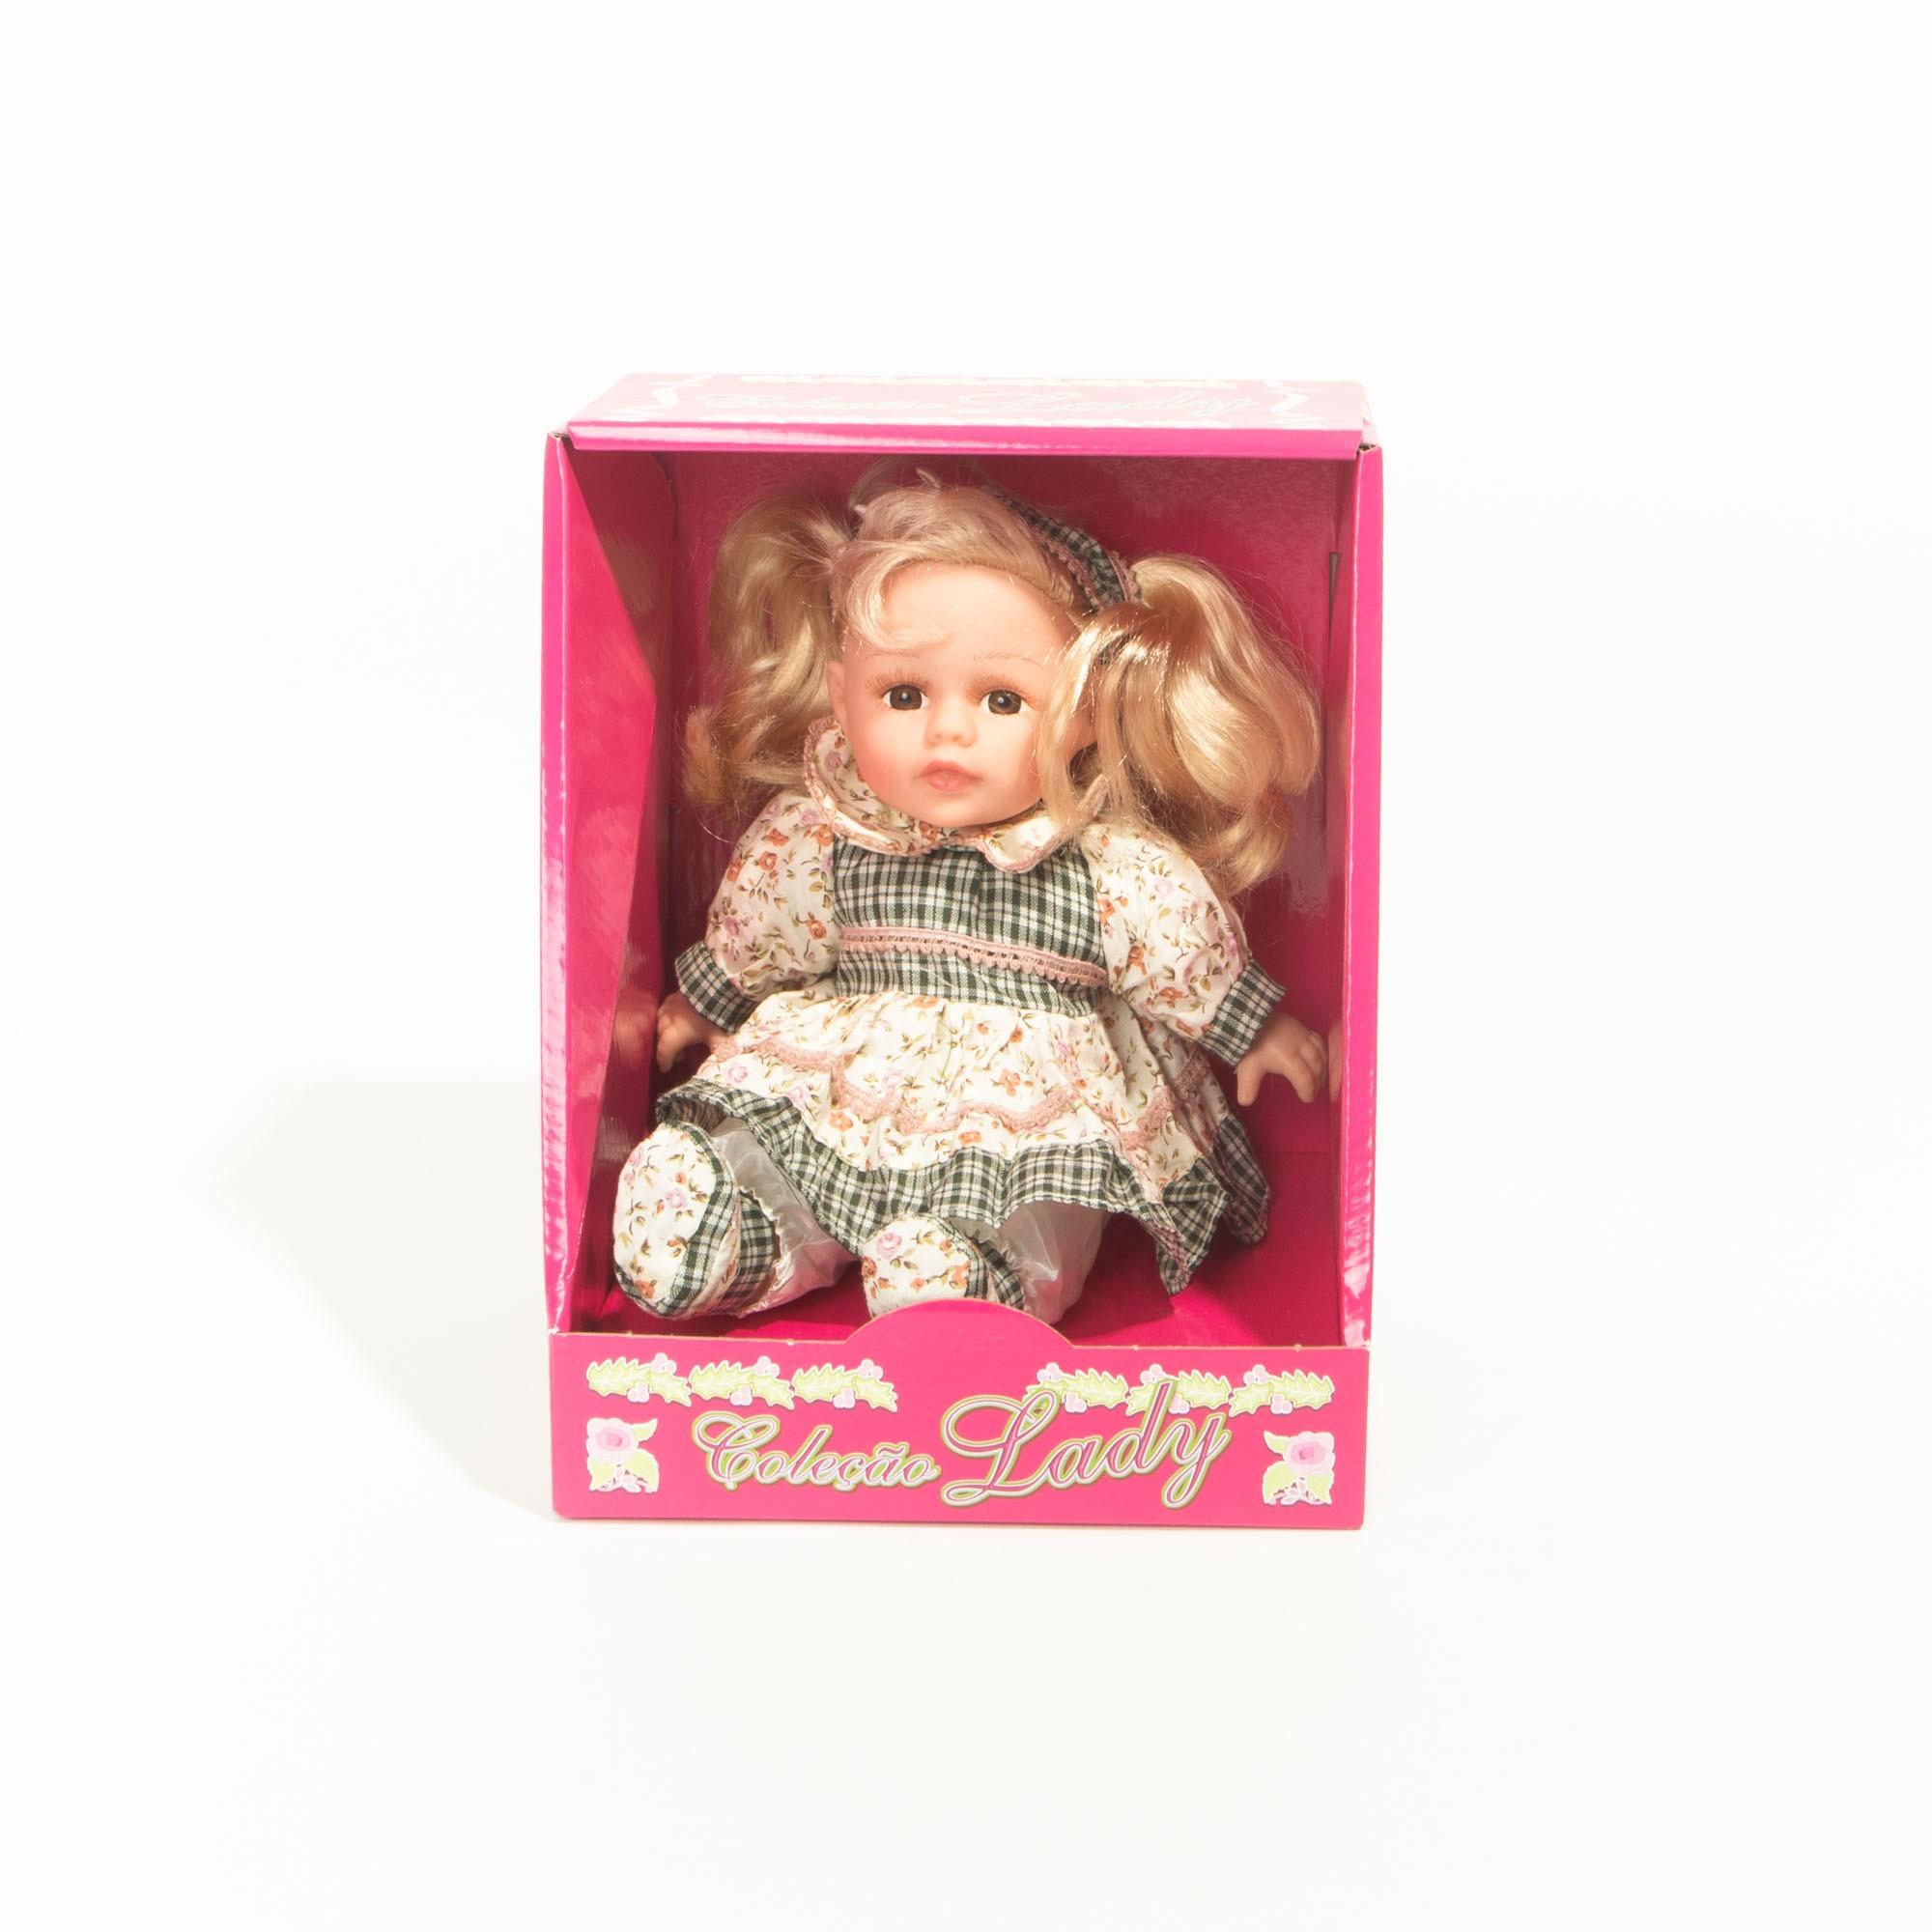 Coleção Boneca Lady -Fenix